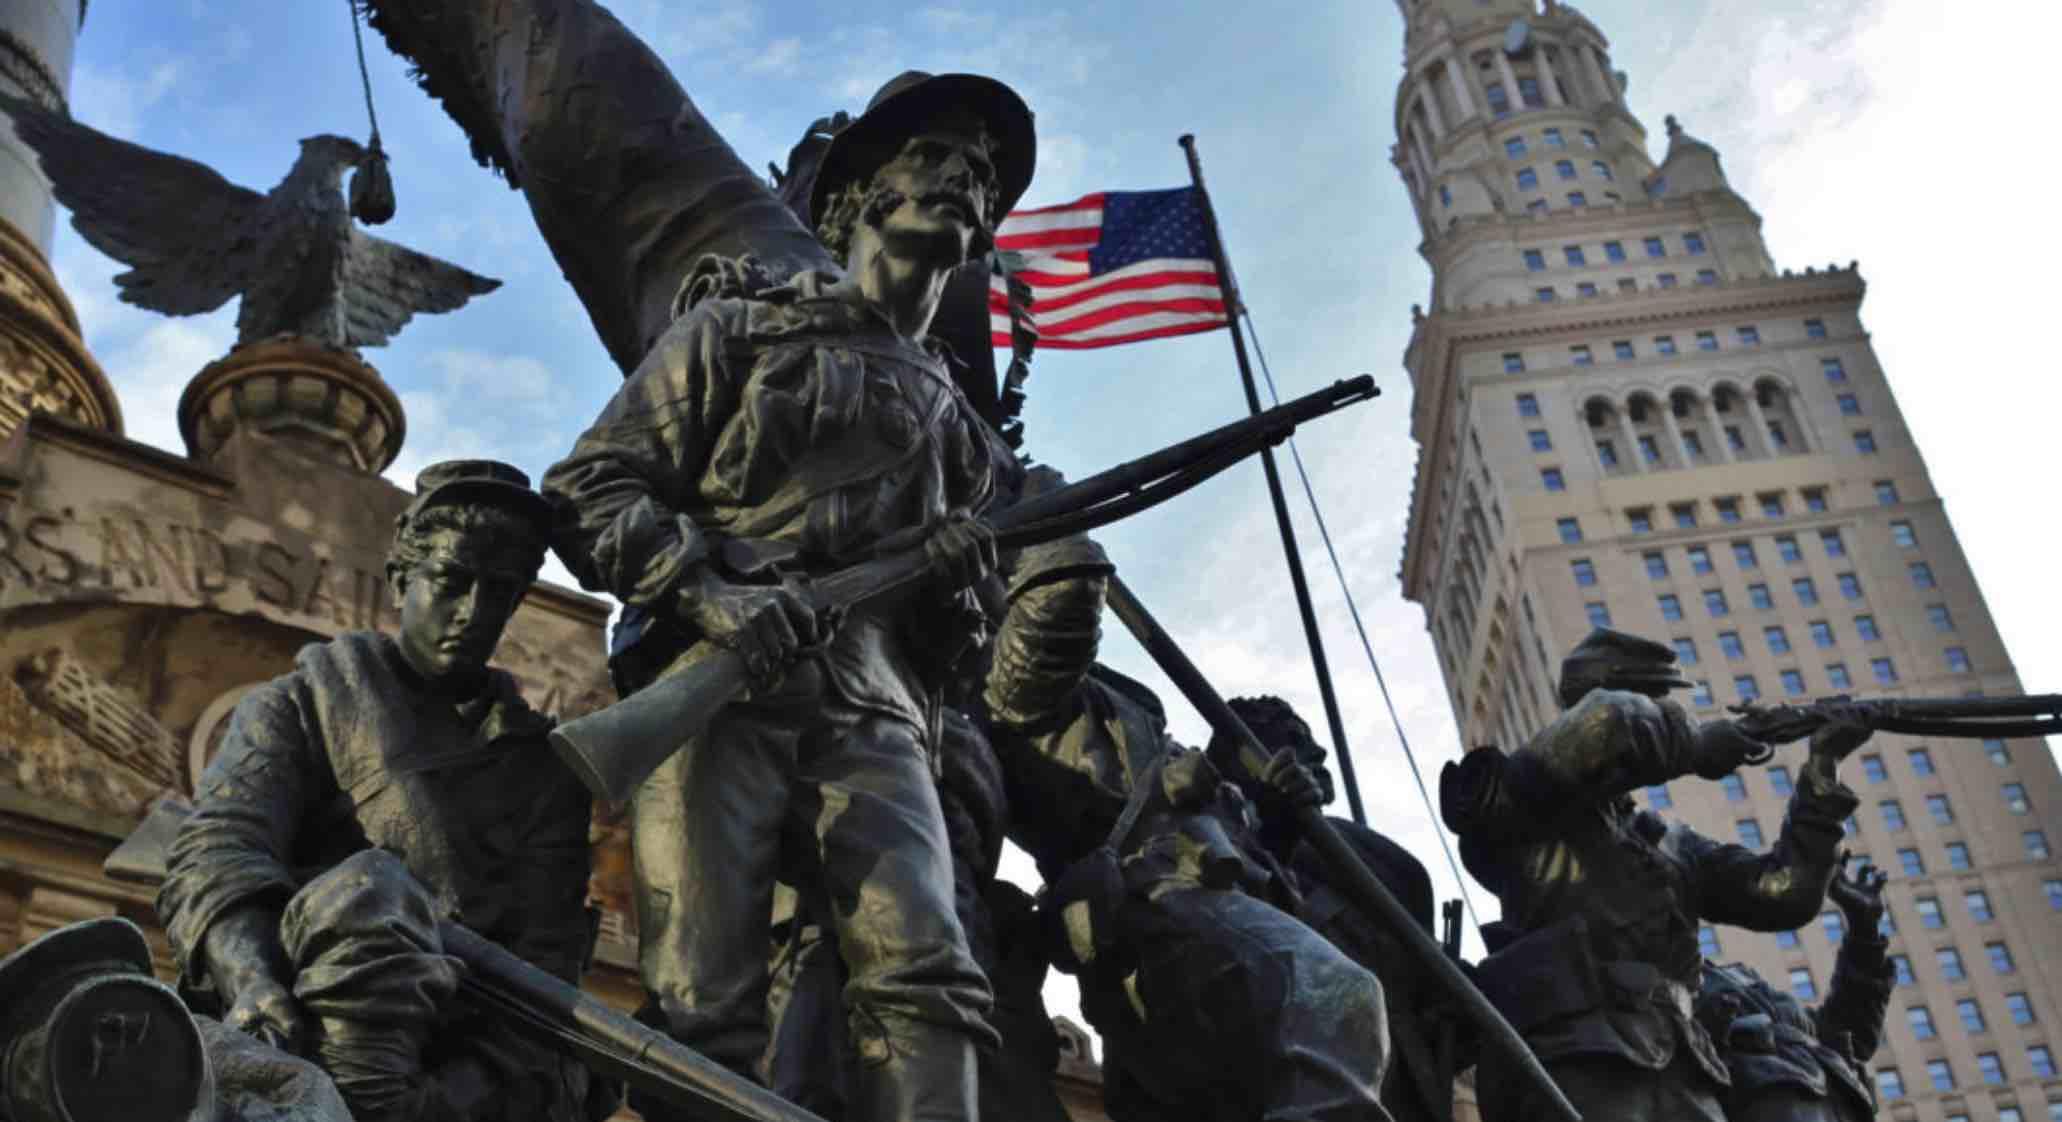 Guerra civil en Estados Unidos, Jarrett Stepman, Allen Guelzo